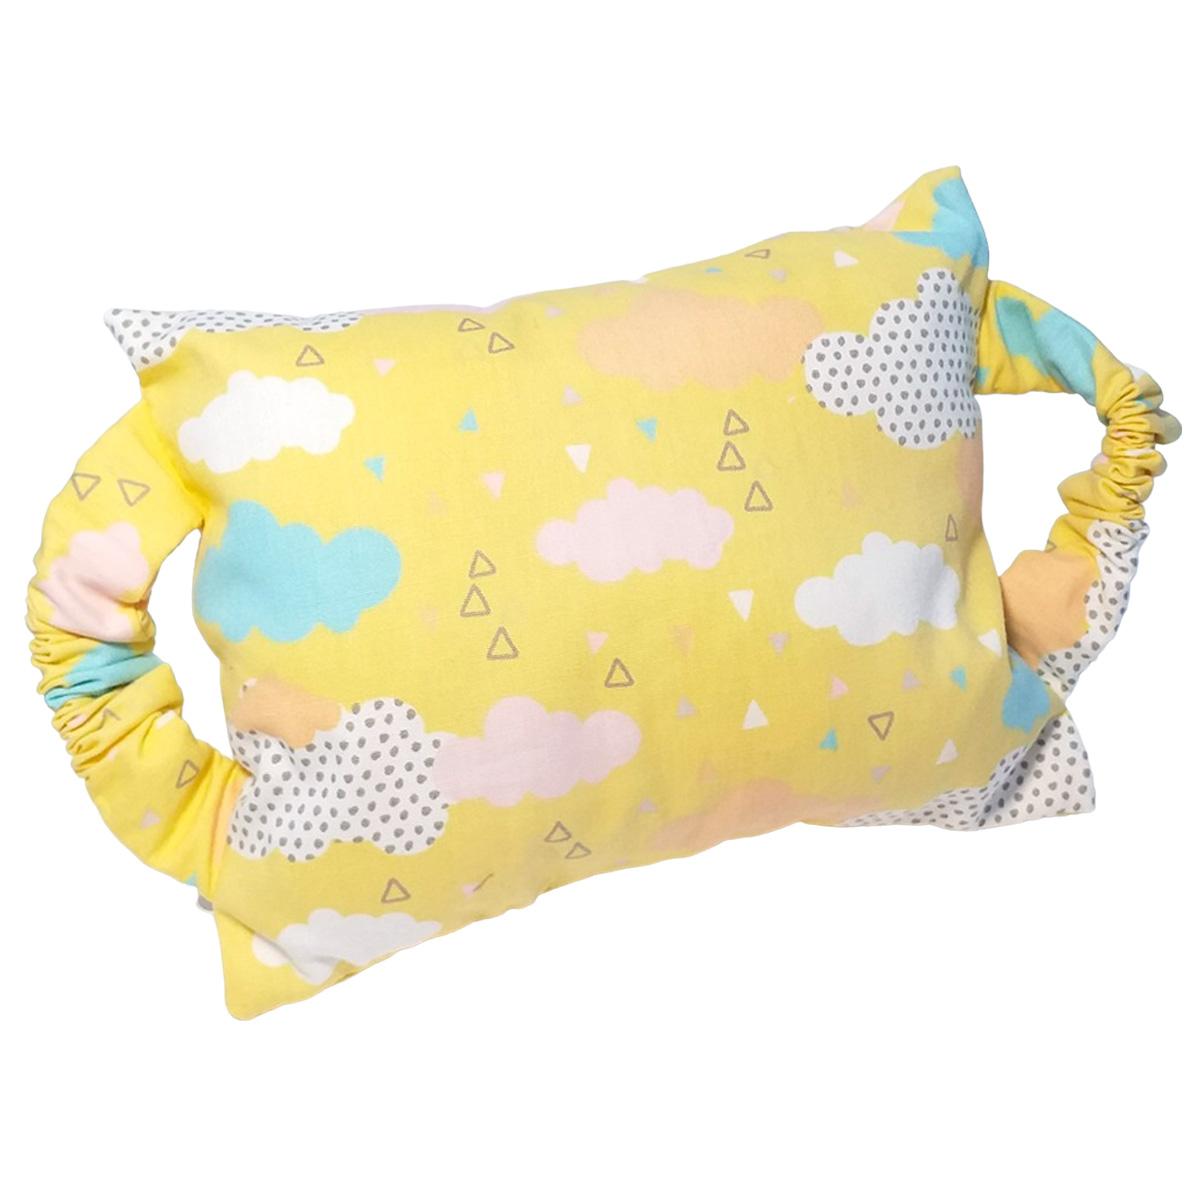 Kit Bebê 3 Peças Estampa Amarelo Nuvens | Bolsa Térmica Cólicas, Toalha de Boca e Protetor de Porta